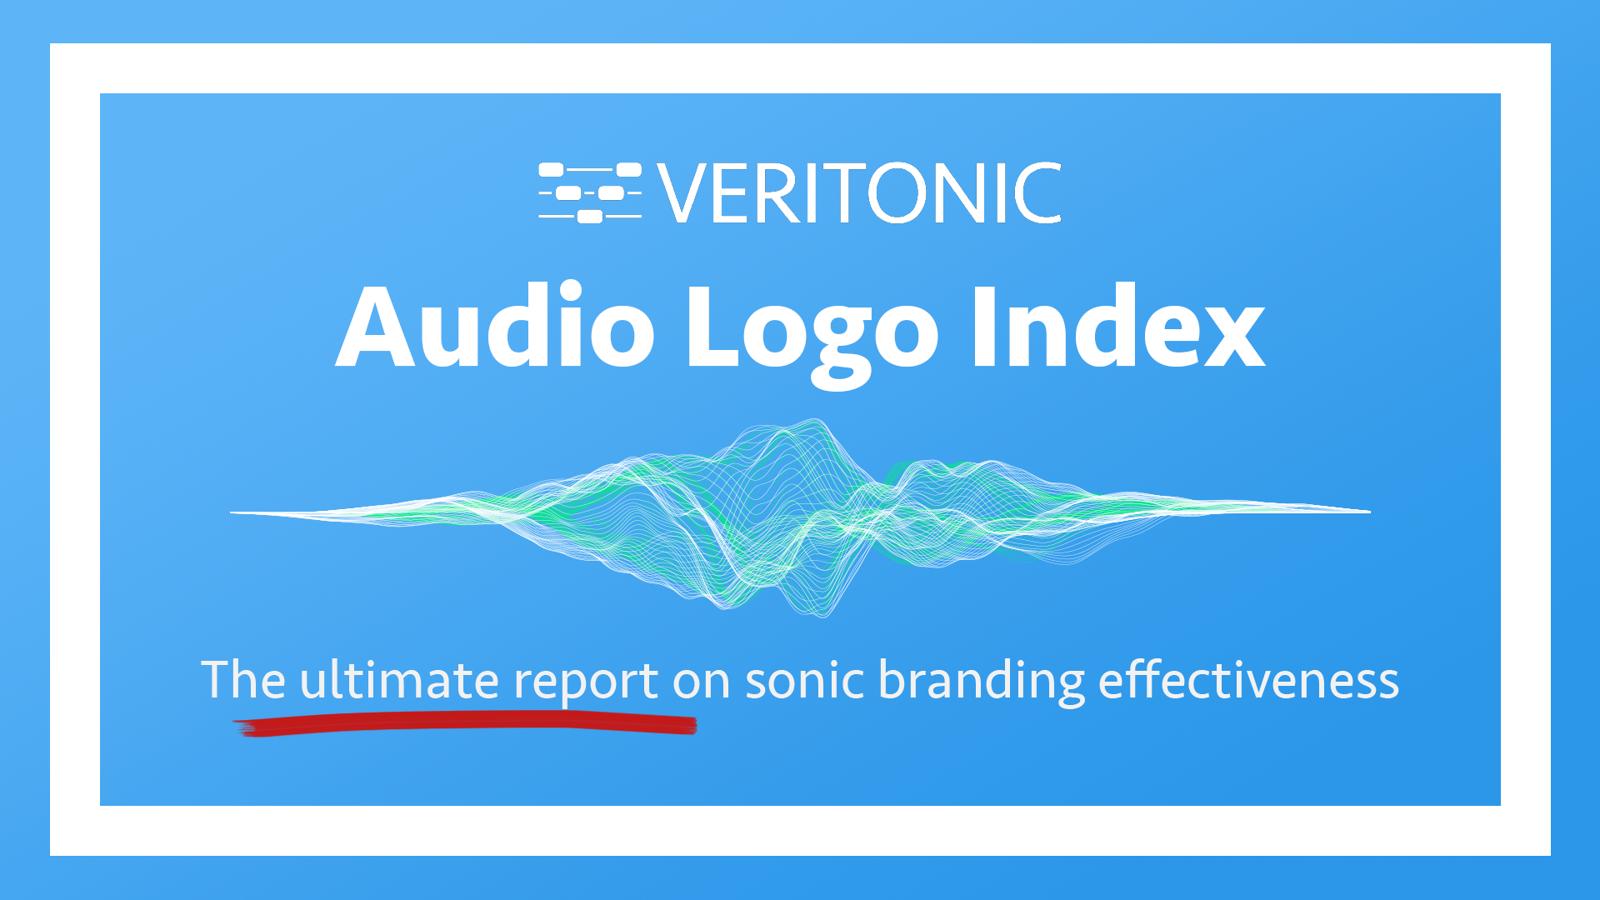 2018 Veritonic Audio Logo Index